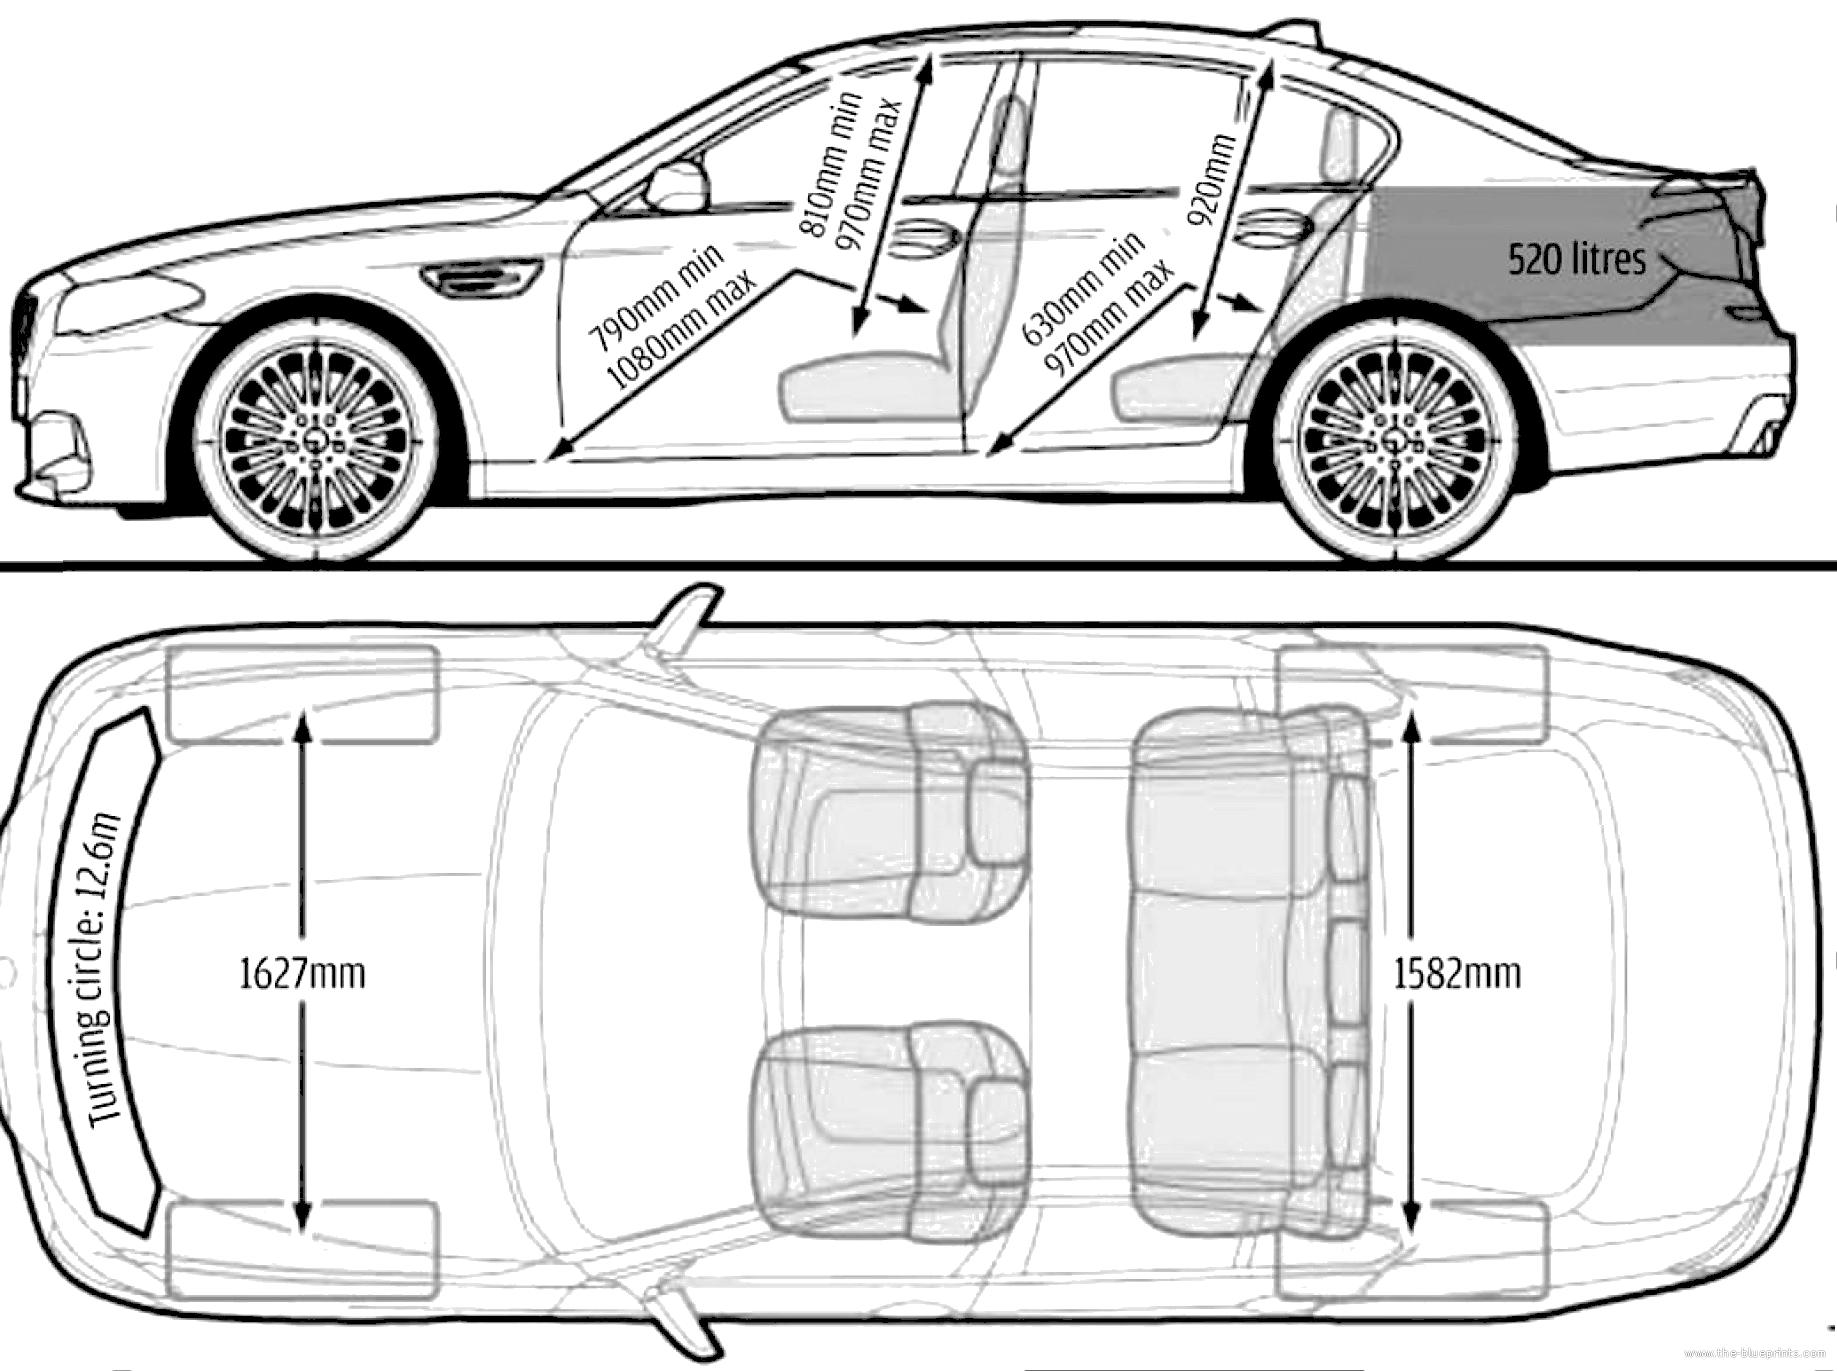 The Blueprints Com Blueprints Gt Cars Gt Bmw Gt Bmw M5 F10